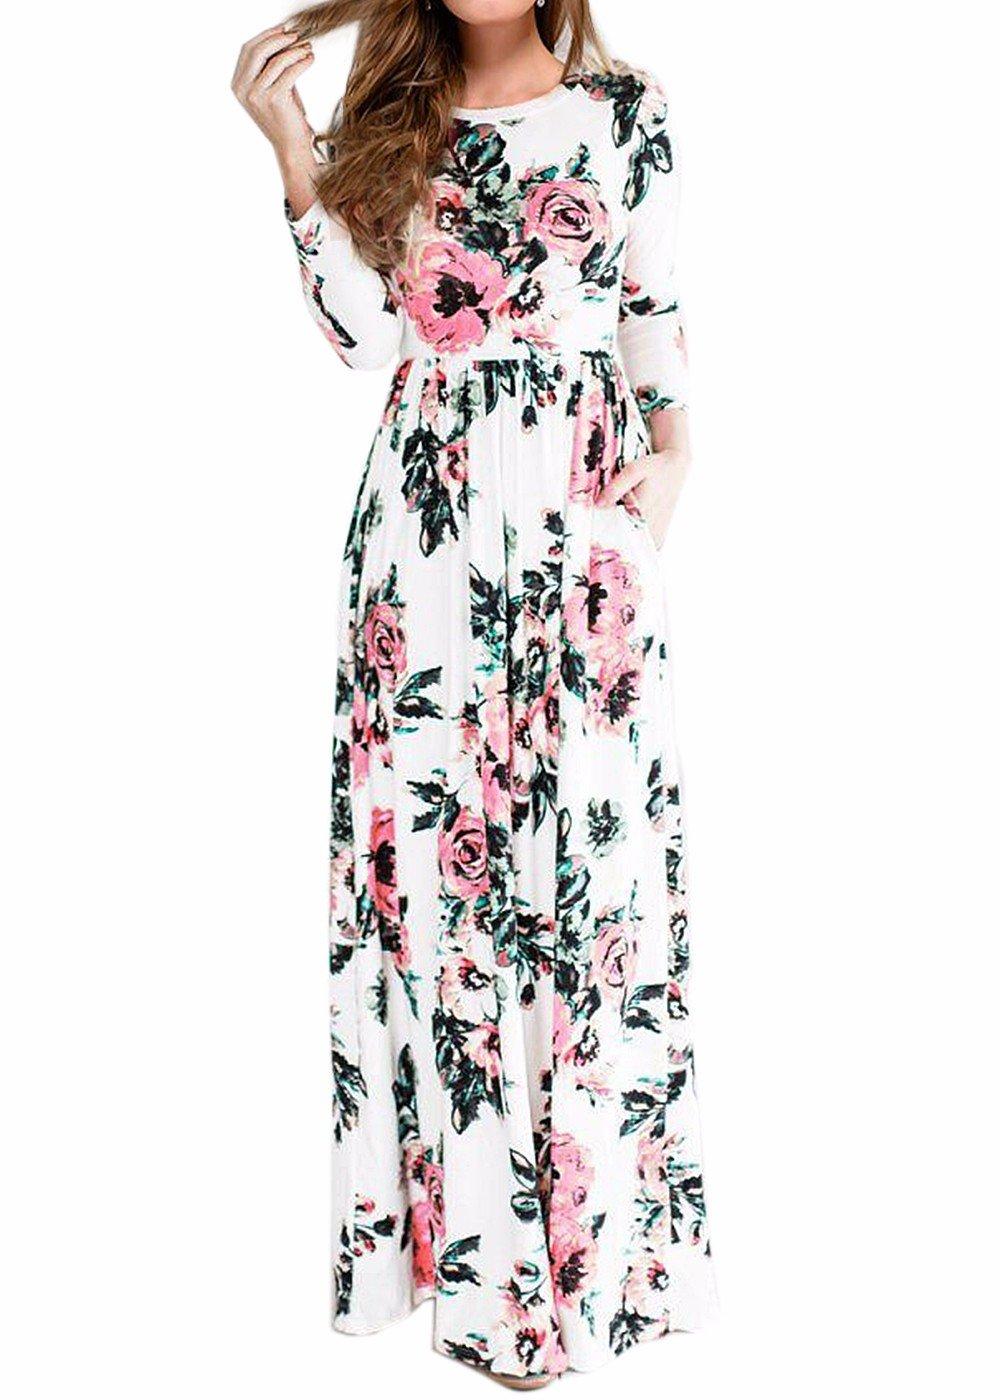 Las Mujeres de impresión Floral de Manga Larga Boho Vestido de Damas de Noche Party Maxi Vestido Largo